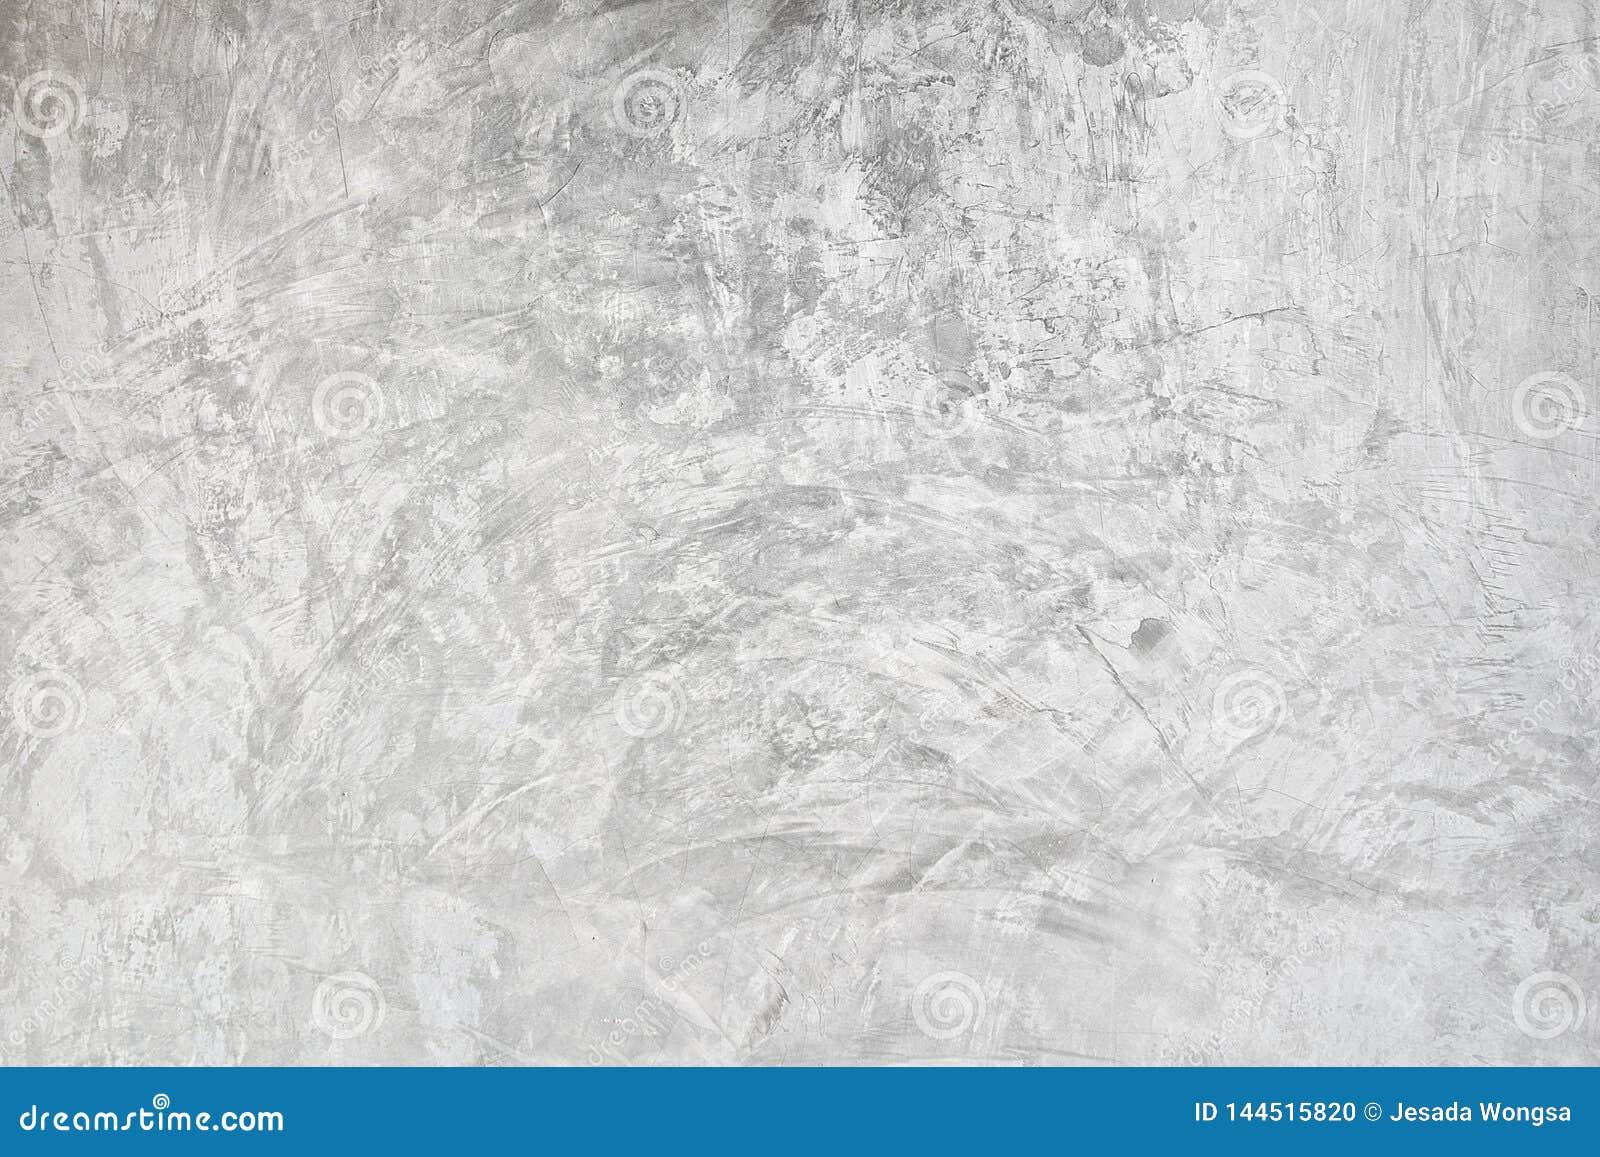 Peinture De Platre De Fond De Gray Wall Cement Paint Texture Rugueuse Avec Le Fond De Haute Resolution De Vignette Pour La Concep Photo Stock Image Du Rugueuse Resolution 144515820